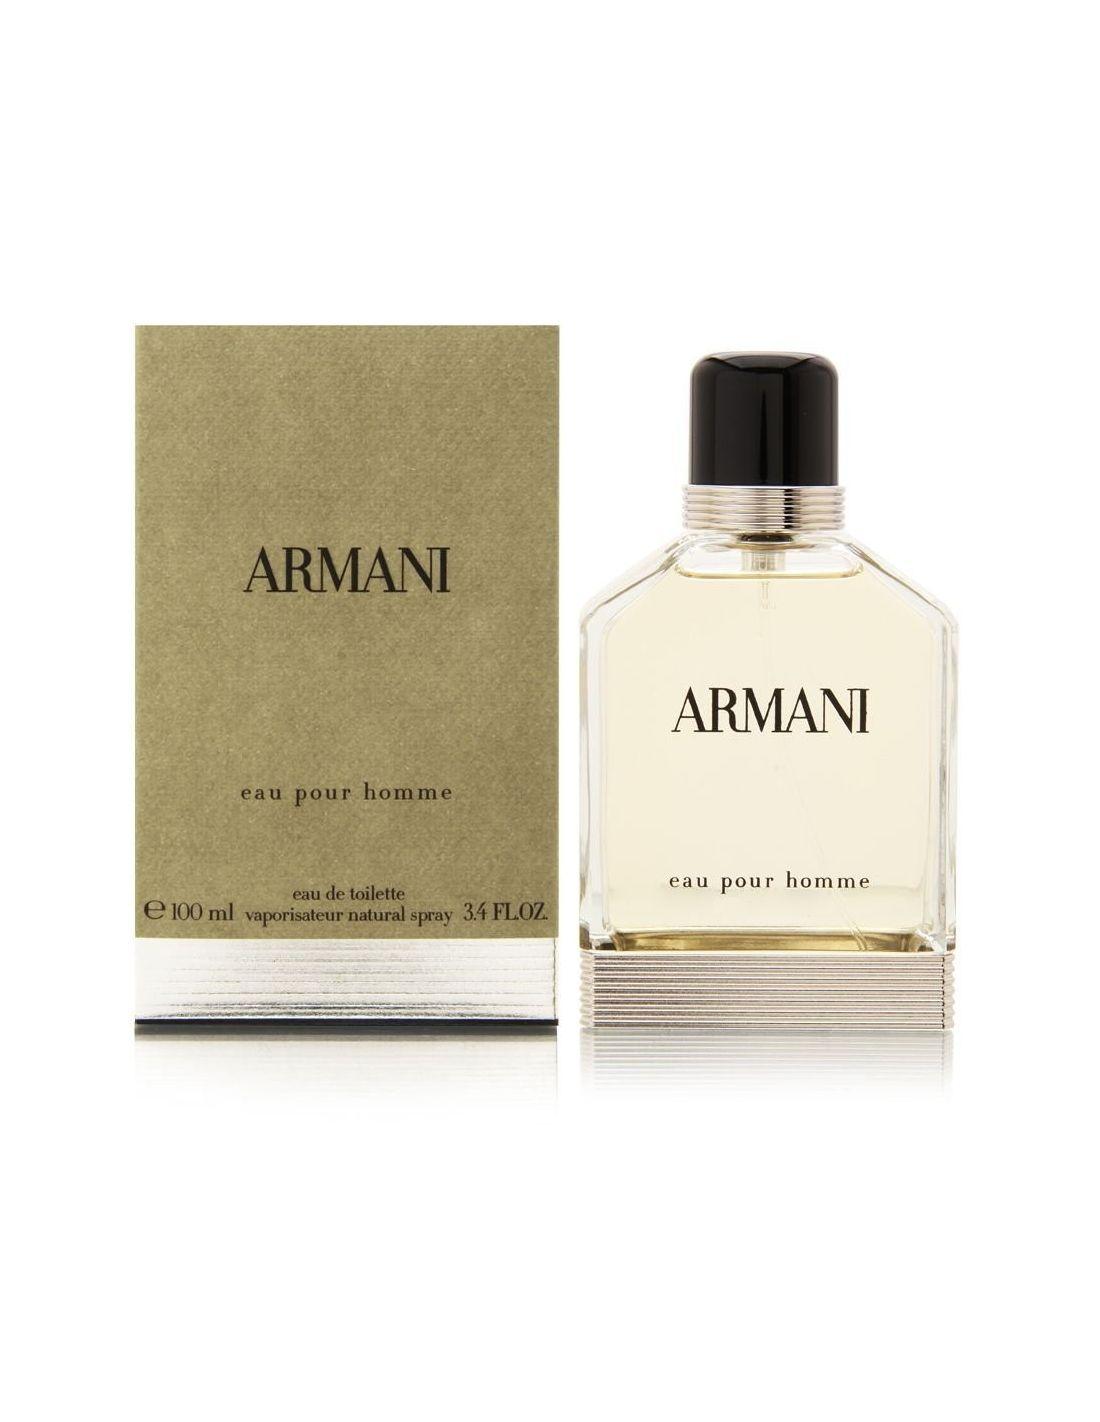 perfume armani eau pour homme eau de toilette 100 ml. Black Bedroom Furniture Sets. Home Design Ideas